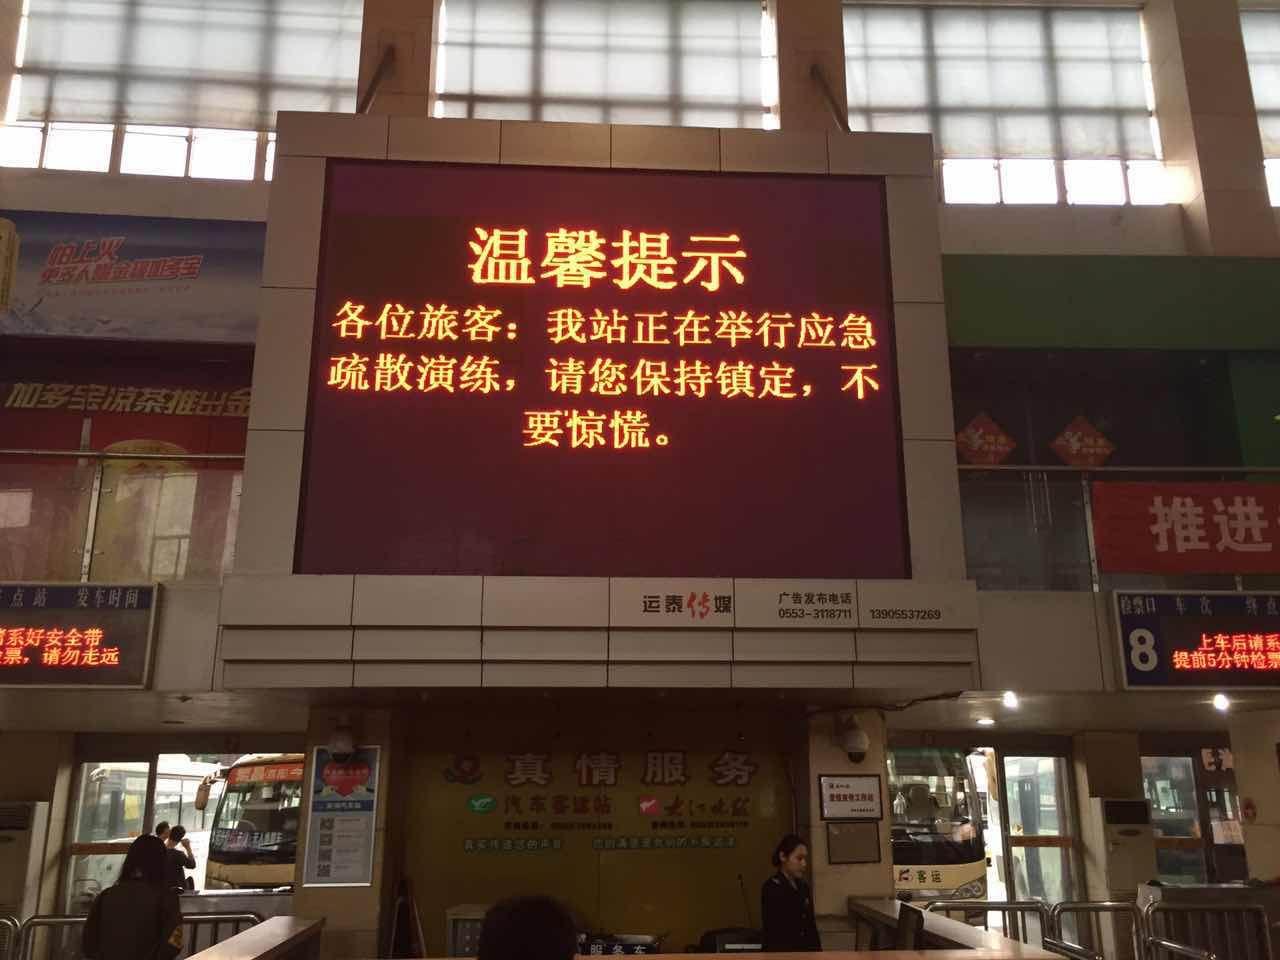 芜湖汽车站组织消防安全培训及疏散演练